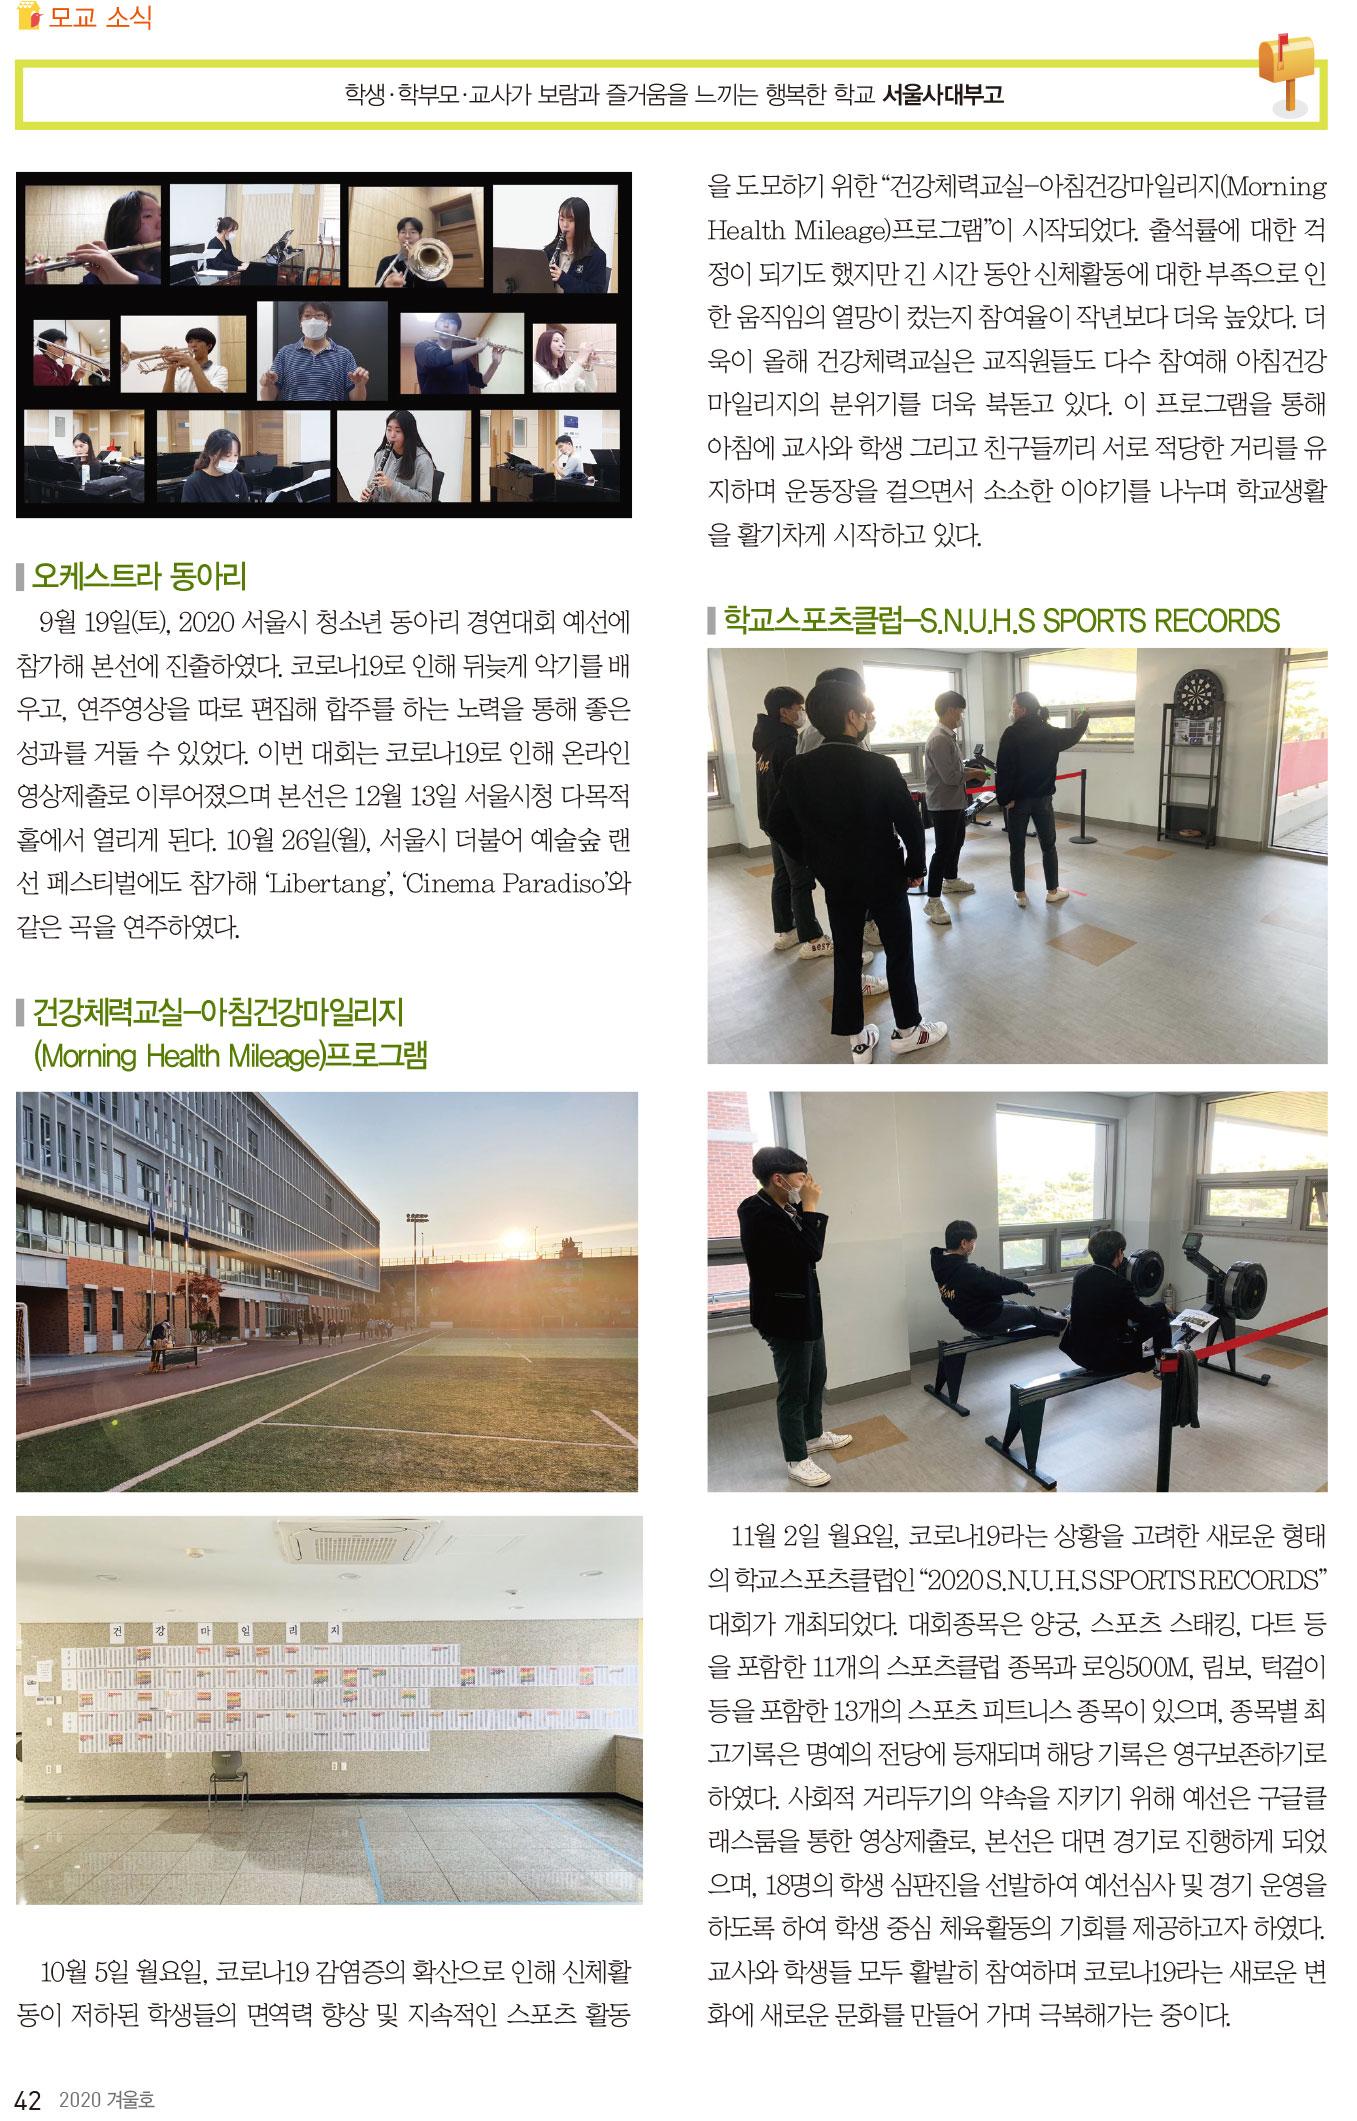 서울사대부고-115호-홈페이지-42.jpg